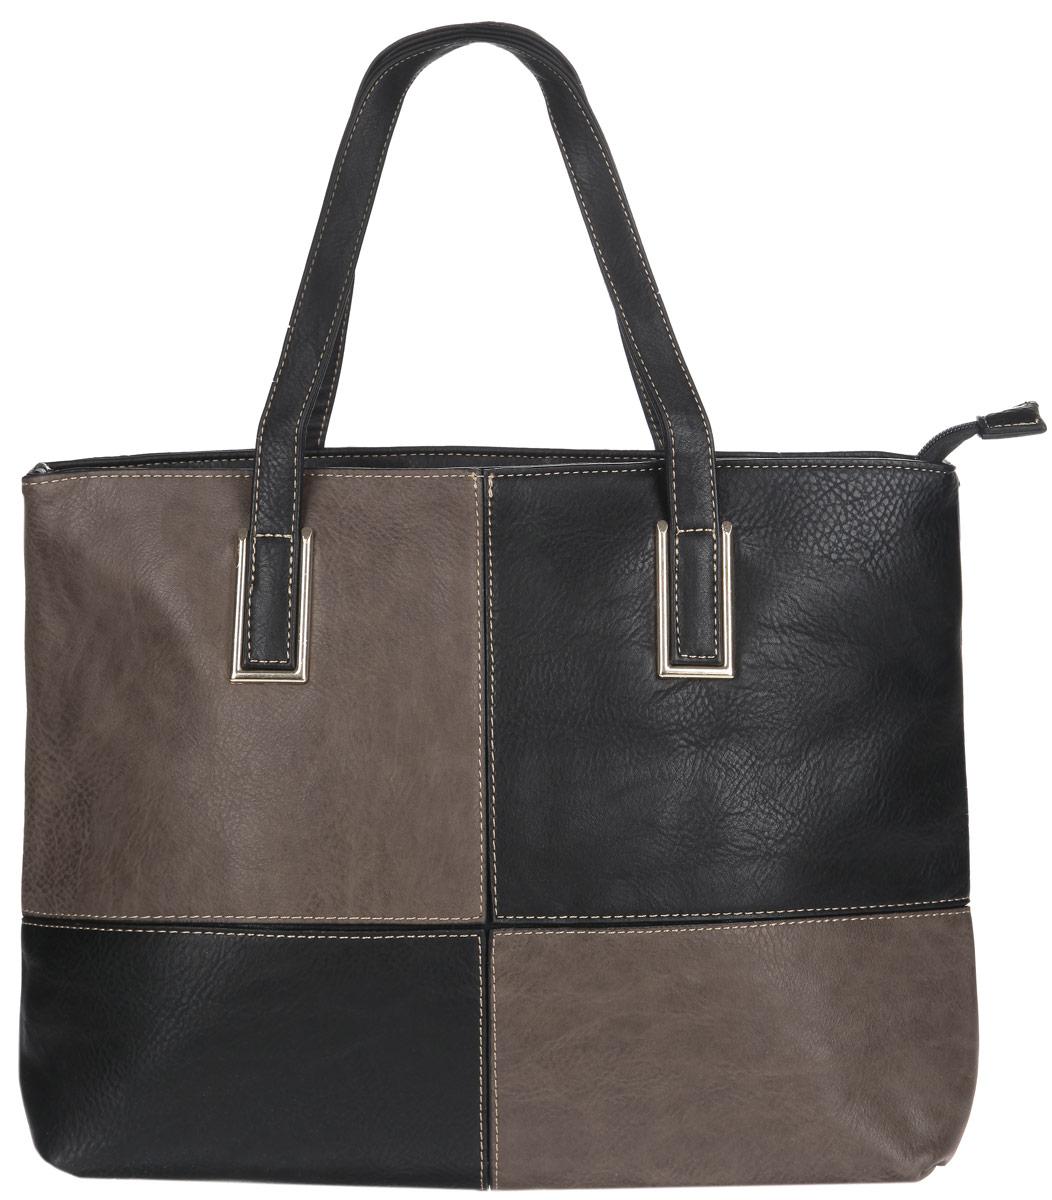 Сумка женская Flioraj, цвет: черный, темно-коричневый. 3232 черн хакиСтильная сумка Flioraj выполнена из экокожи, дополнена вставками из искусственной кожи контрастных оттенков и оформлена контрастной строчкой. Изделие содержит одно отделение, которое закрывается на молнию, внутри расположены два накладных кармана для телефона и мелочей, врезной карман на молнии и карман-средник на молнии. Снаружи, в тыльной стенке сумки расположен врезной карман на молнии. Изделие дополнено двумя практичными ручками с металлической фурнитурой. Дно сумки оснащено металлическими ножками. Сумка Flioraj прекрасно дополнит образ и подчеркнет ваш неповторимый стиль.